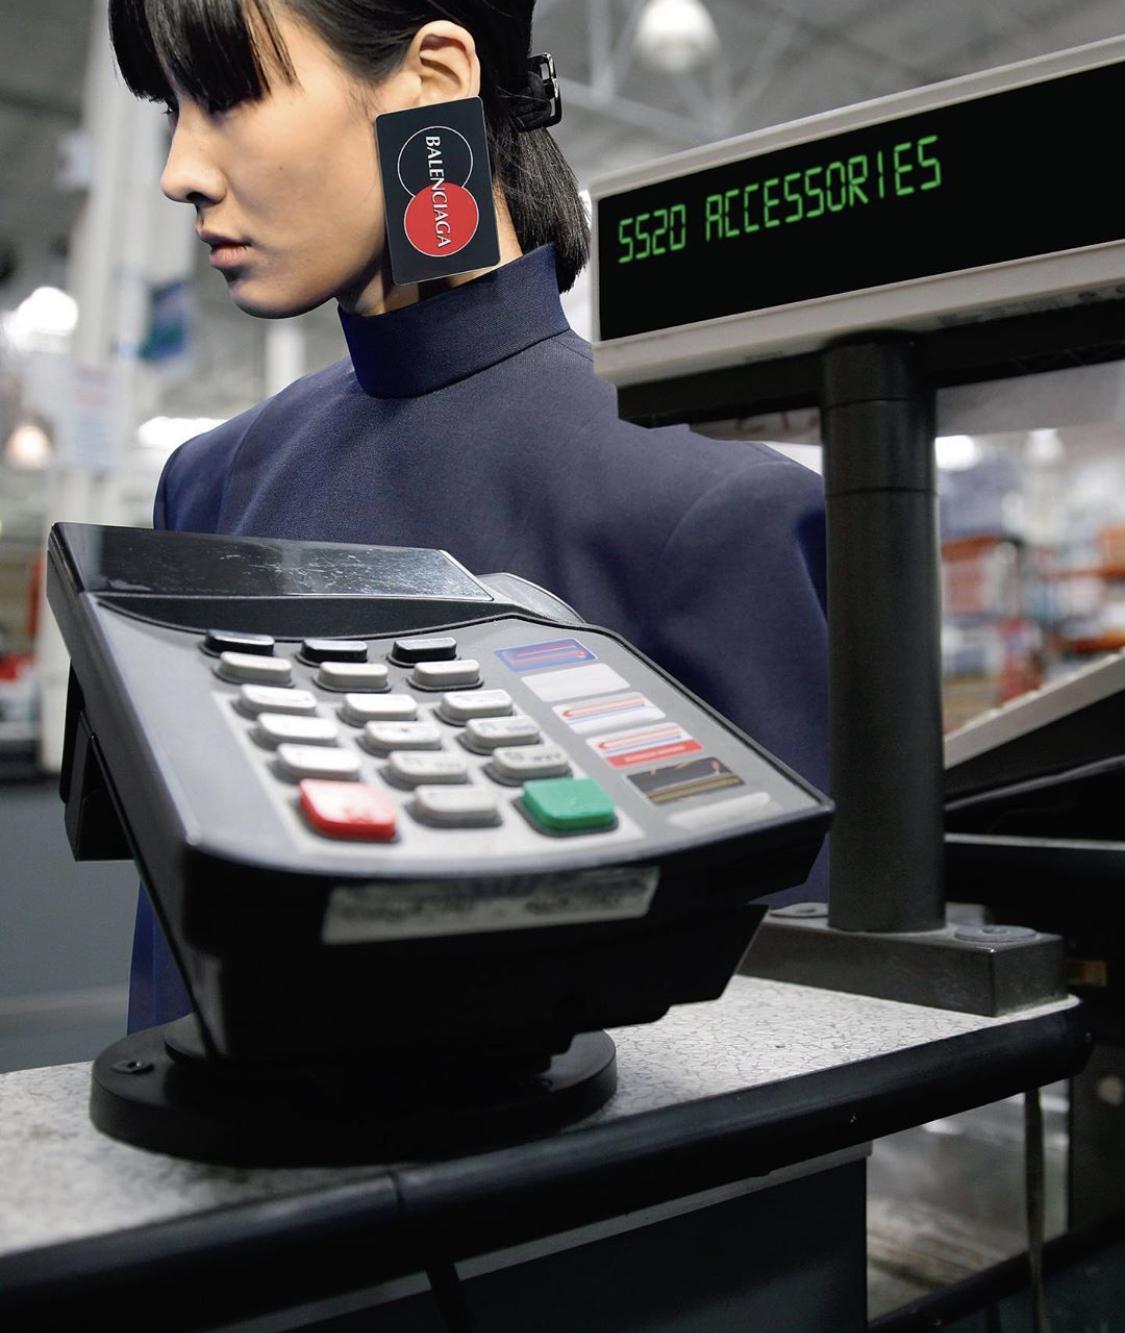 疫情期间 时装编辑告诉你用卡还是用现金消费?